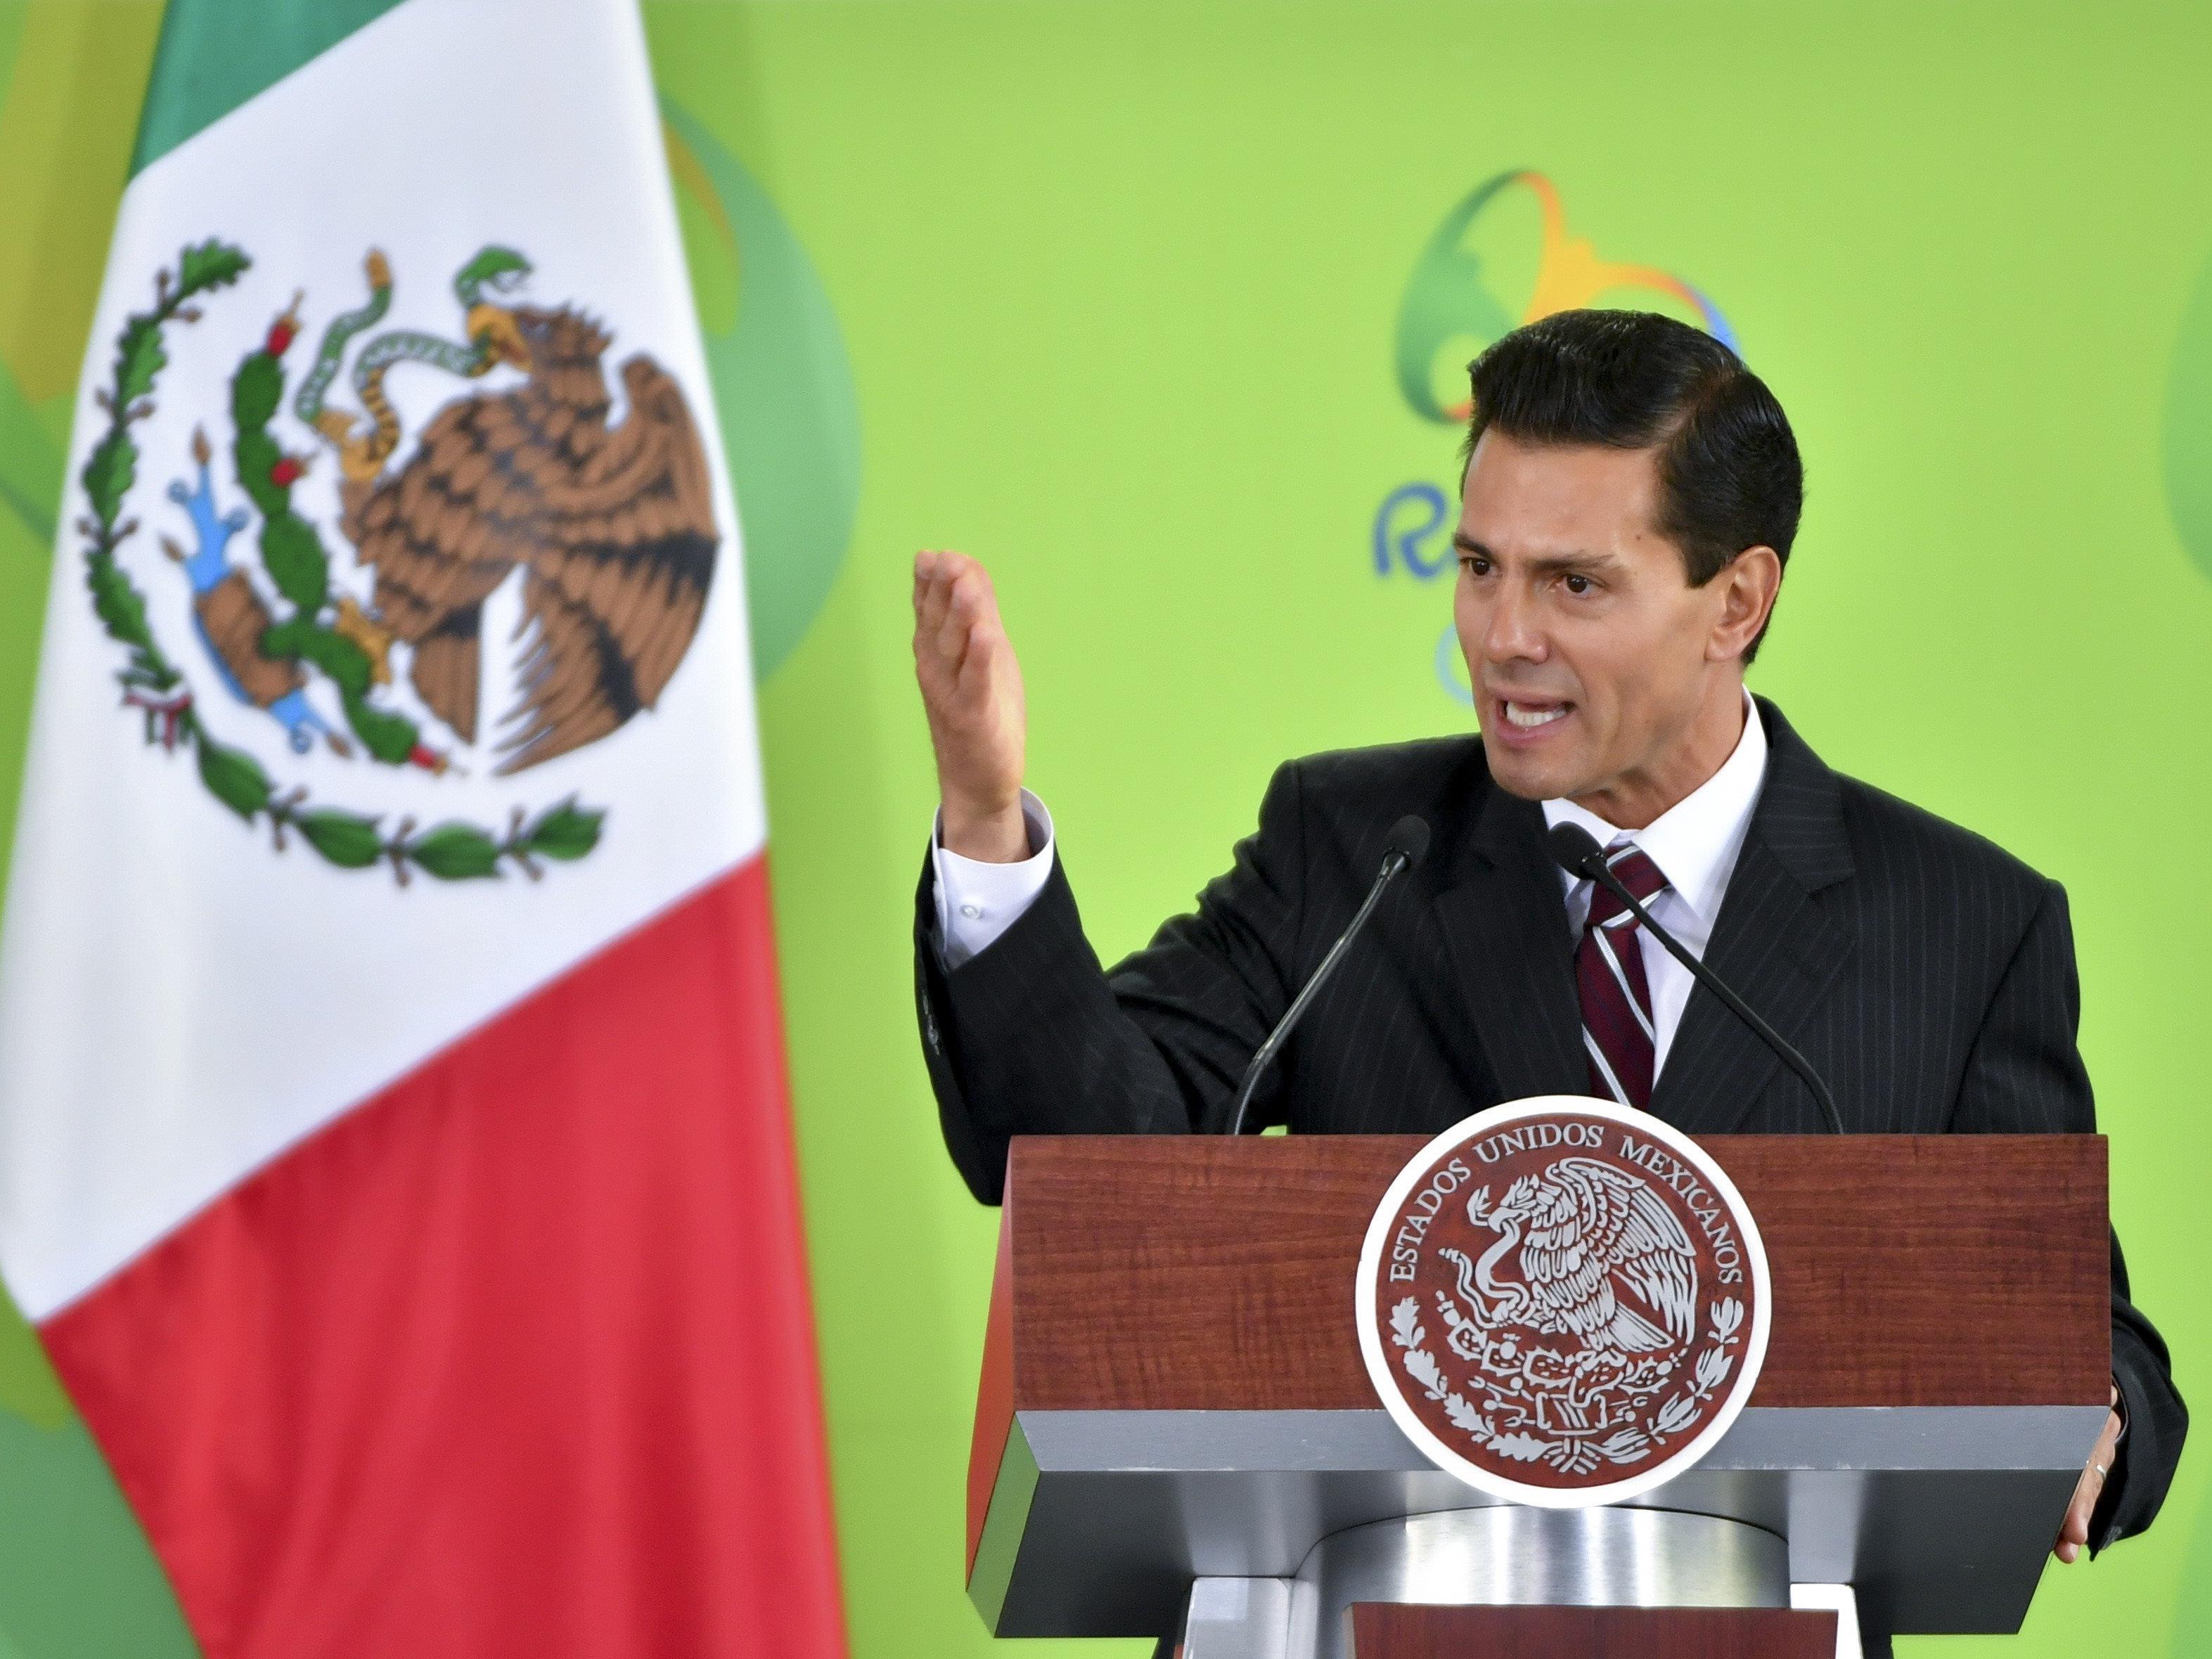 Mexikos Präsident Enrique Peña Nieto gerät wegen einer angeblichen Plagiatsaffäre unter Druck.